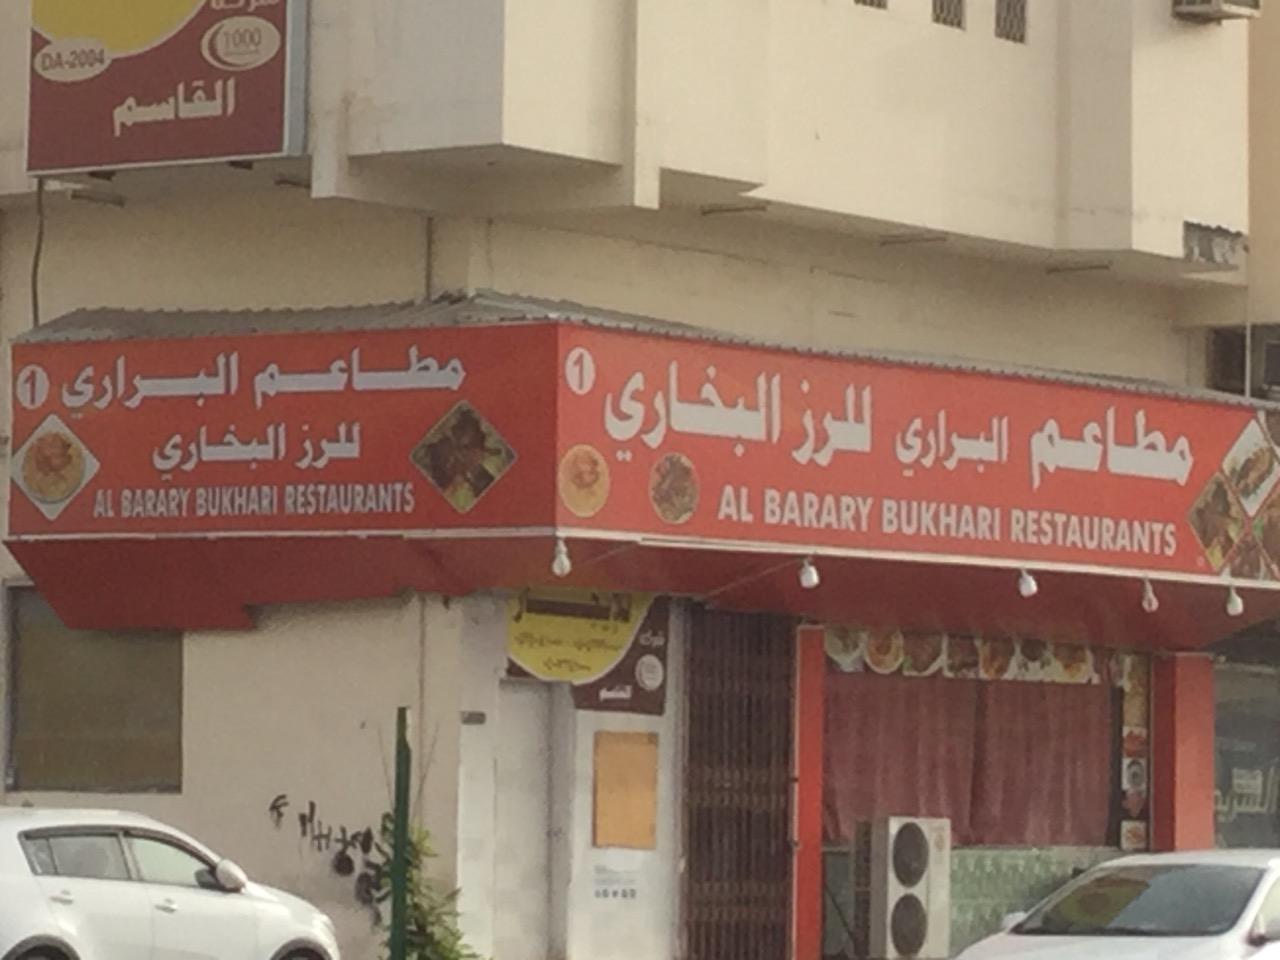 أسعار منيو ورقم وعنوان فروع مطعم البراري AlBarari menu